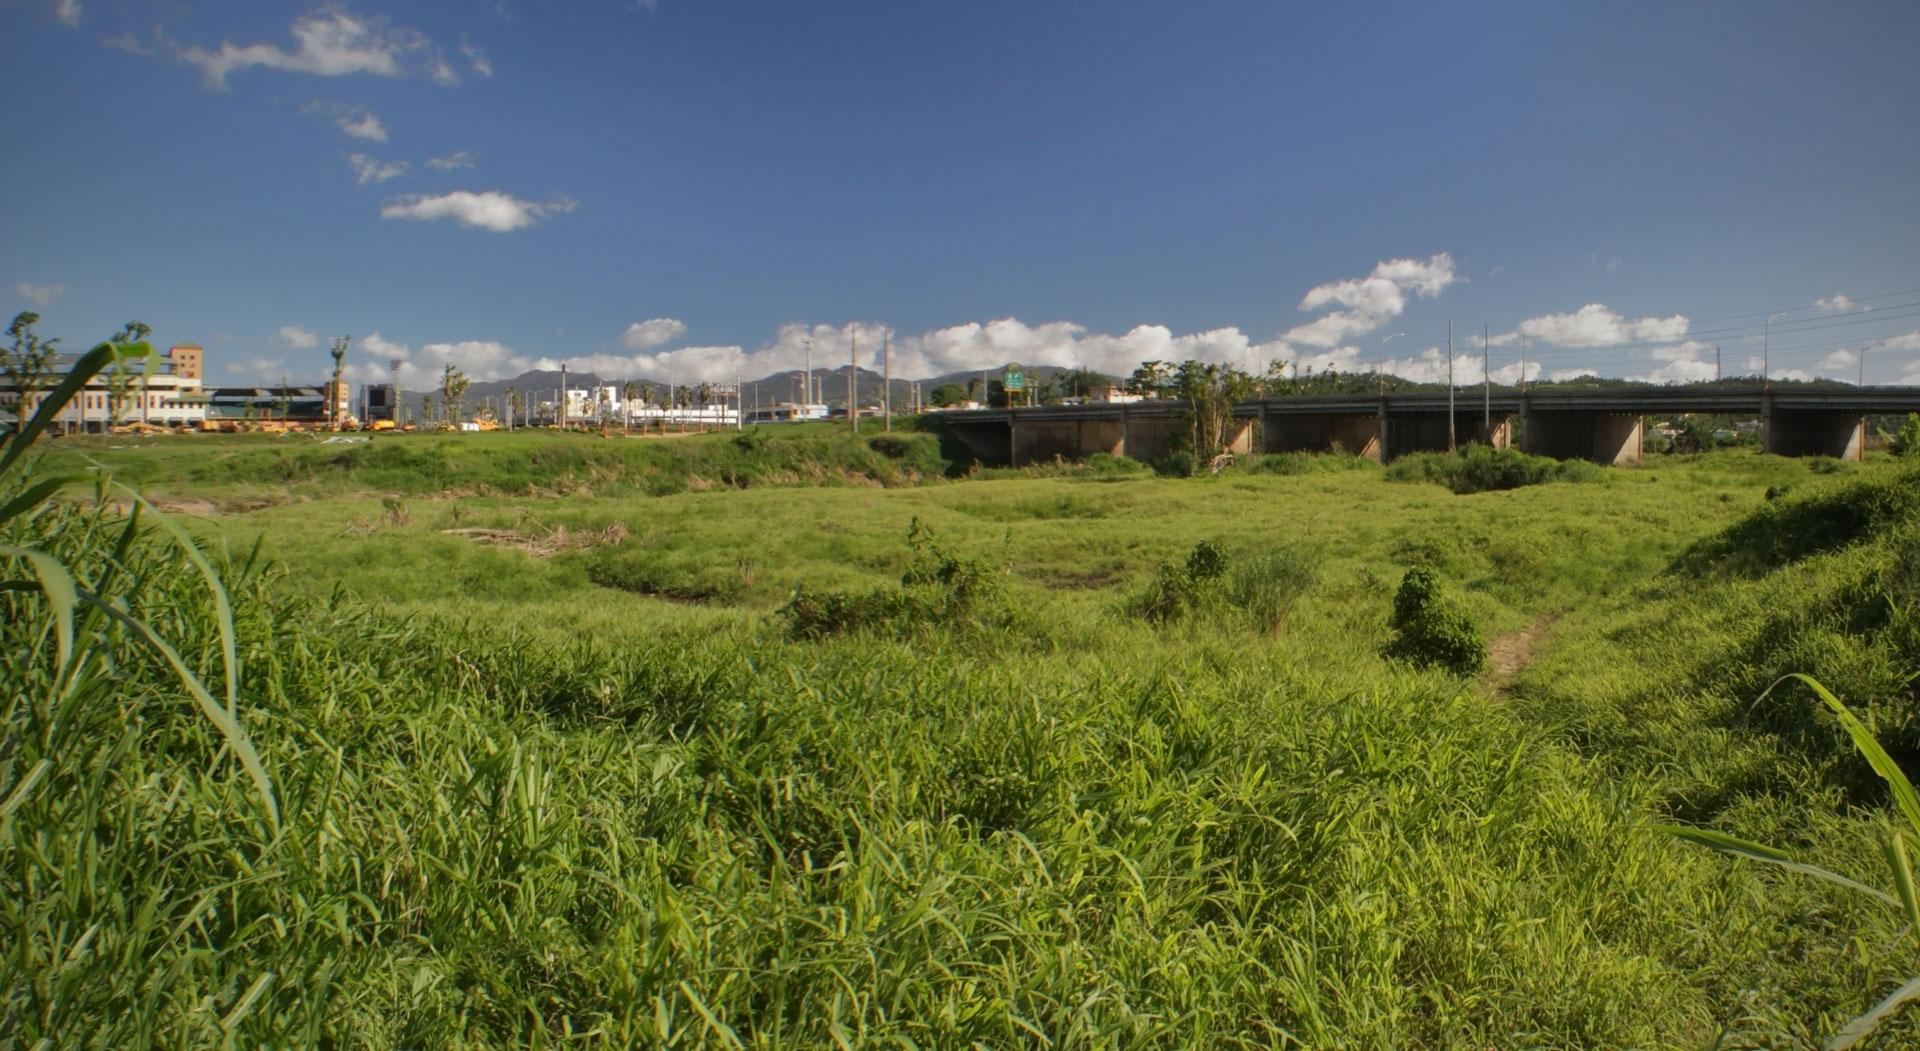 Vista del Puente Julia De Burgos (en Carolina, Puerto Rico) desde un matorral cerca de Villa Caridad.